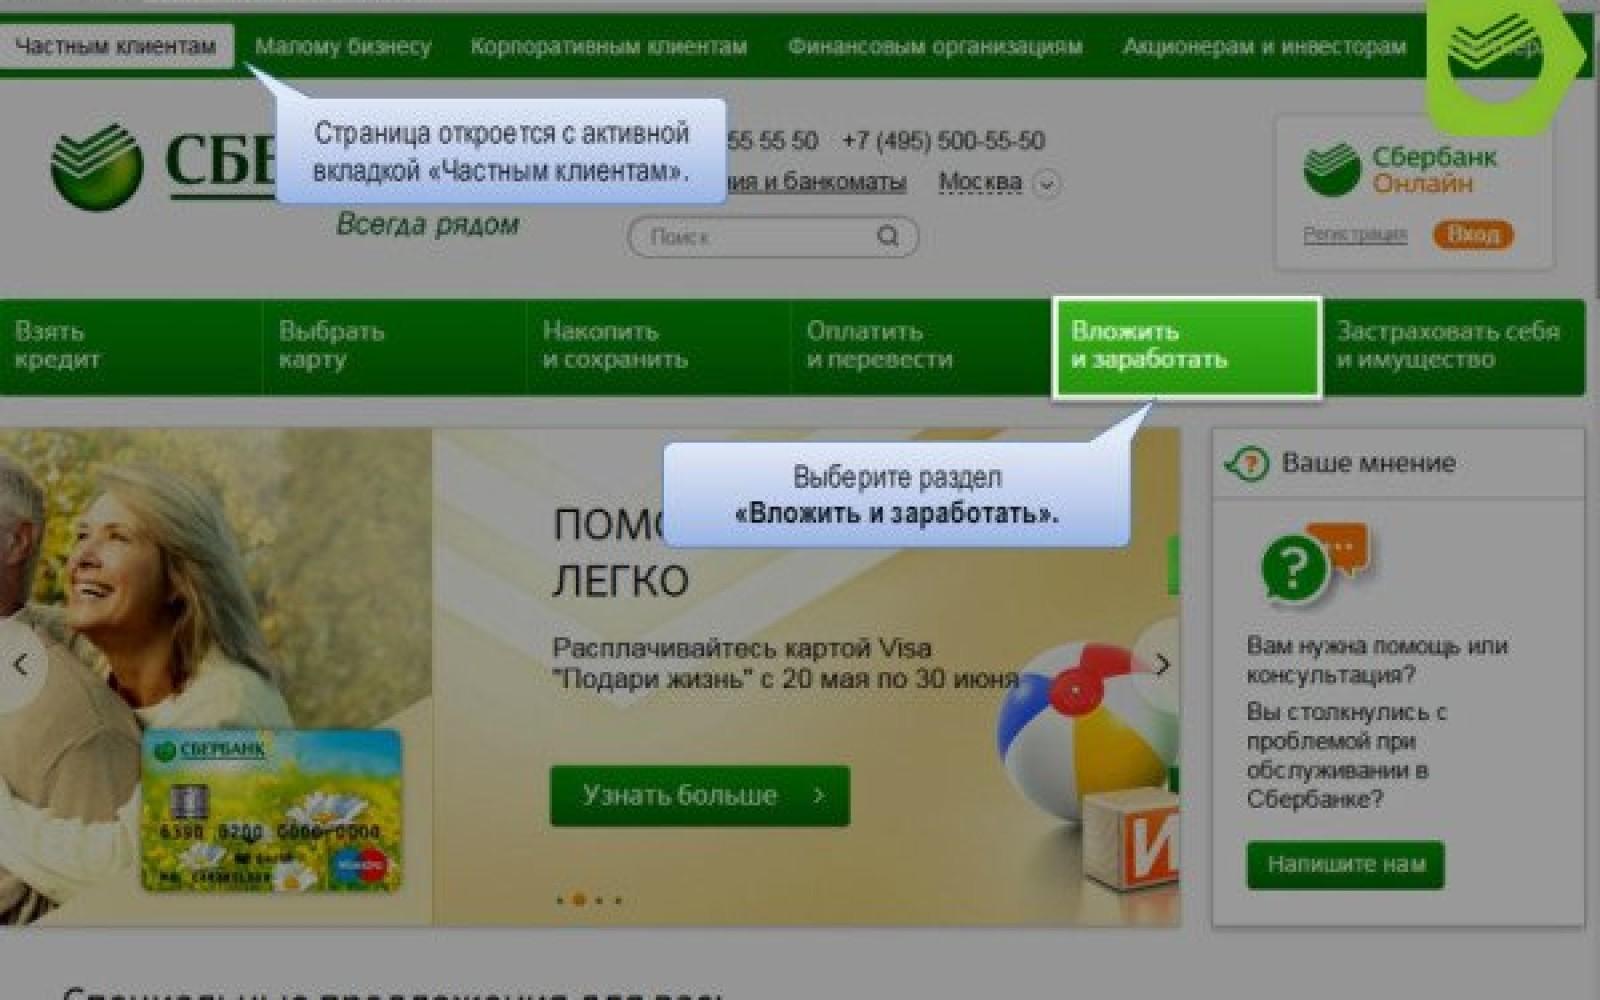 Купить акции Газпрома физическому лицу в Сбербанке 3